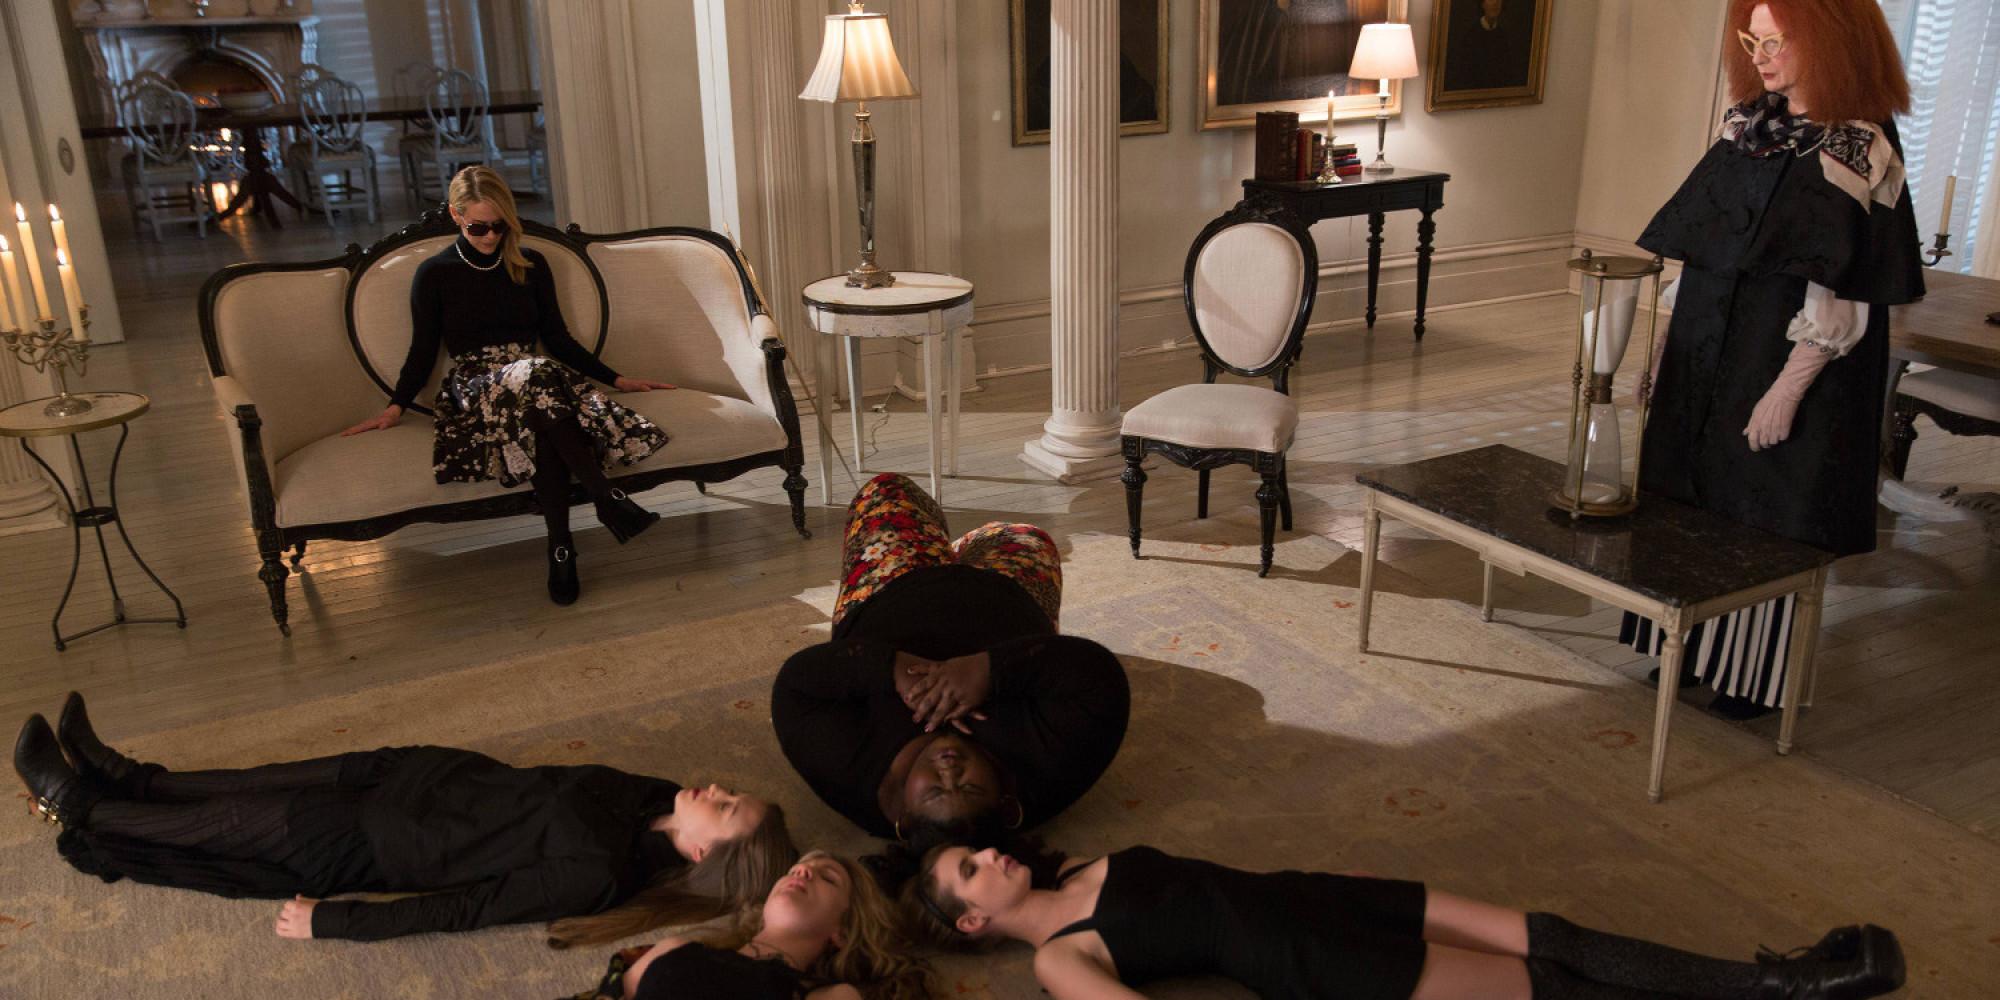 american-horror-story-sur-serieclub-des-le-14-fevrier-2015-essentiel-series-4